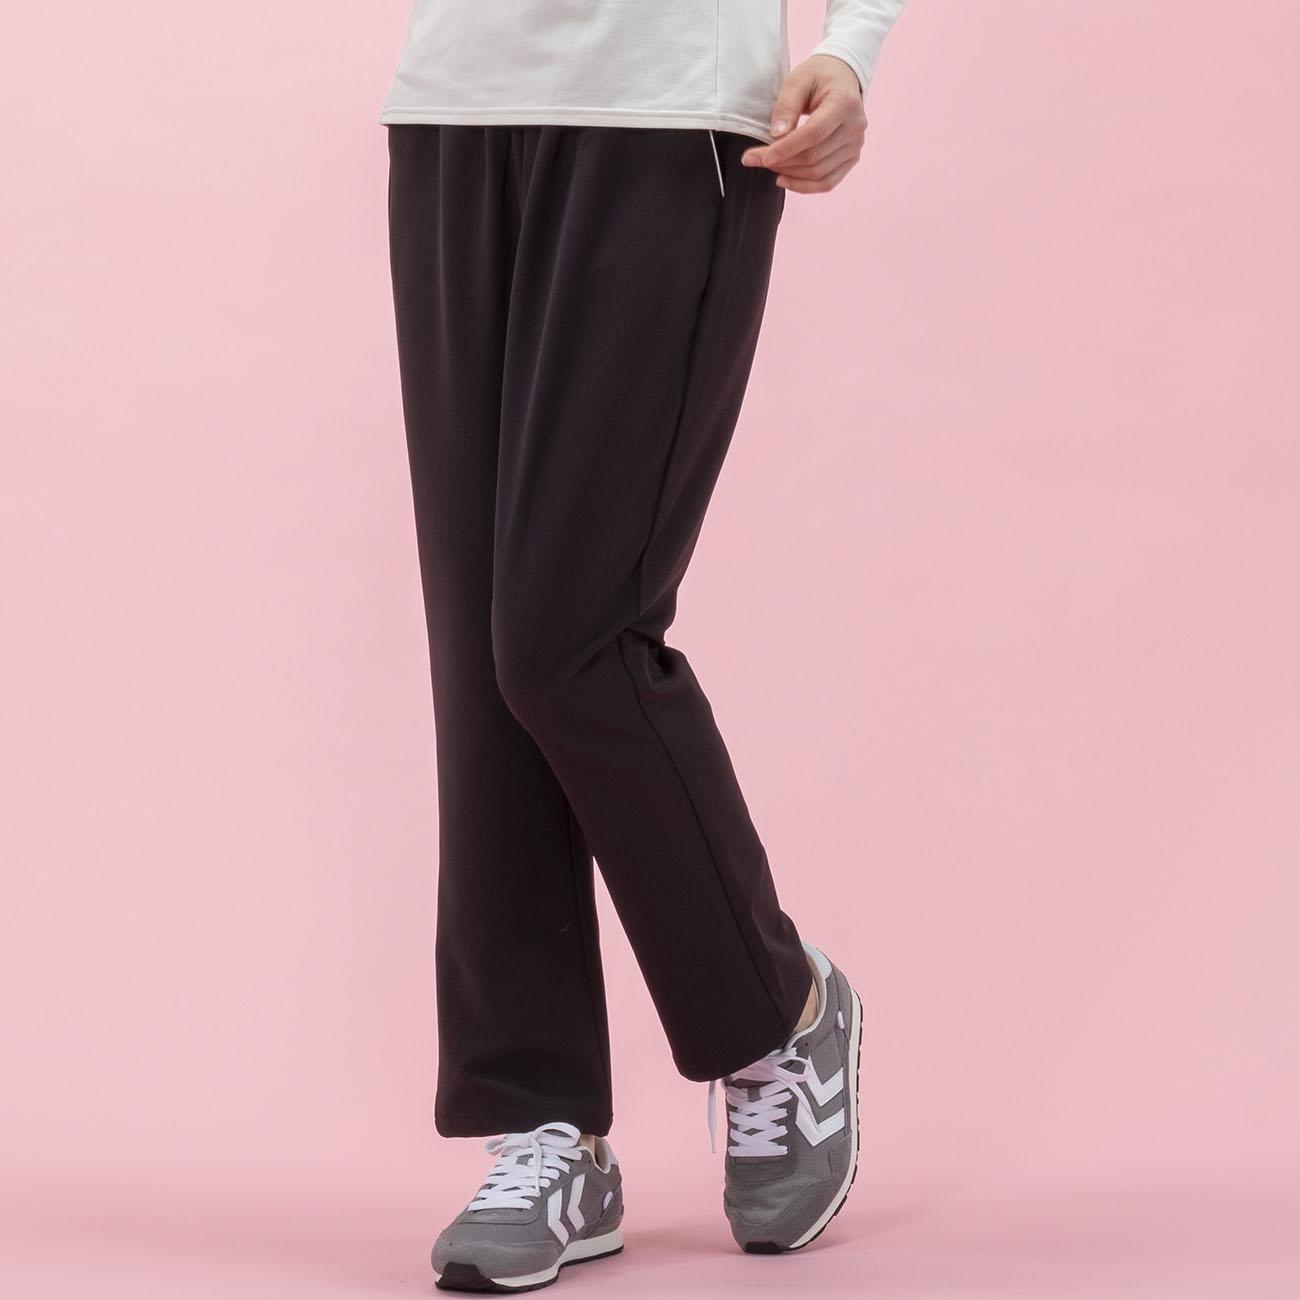 Janestyle(ジェーンスタイル)ストレッチミセスパンツ ブラック